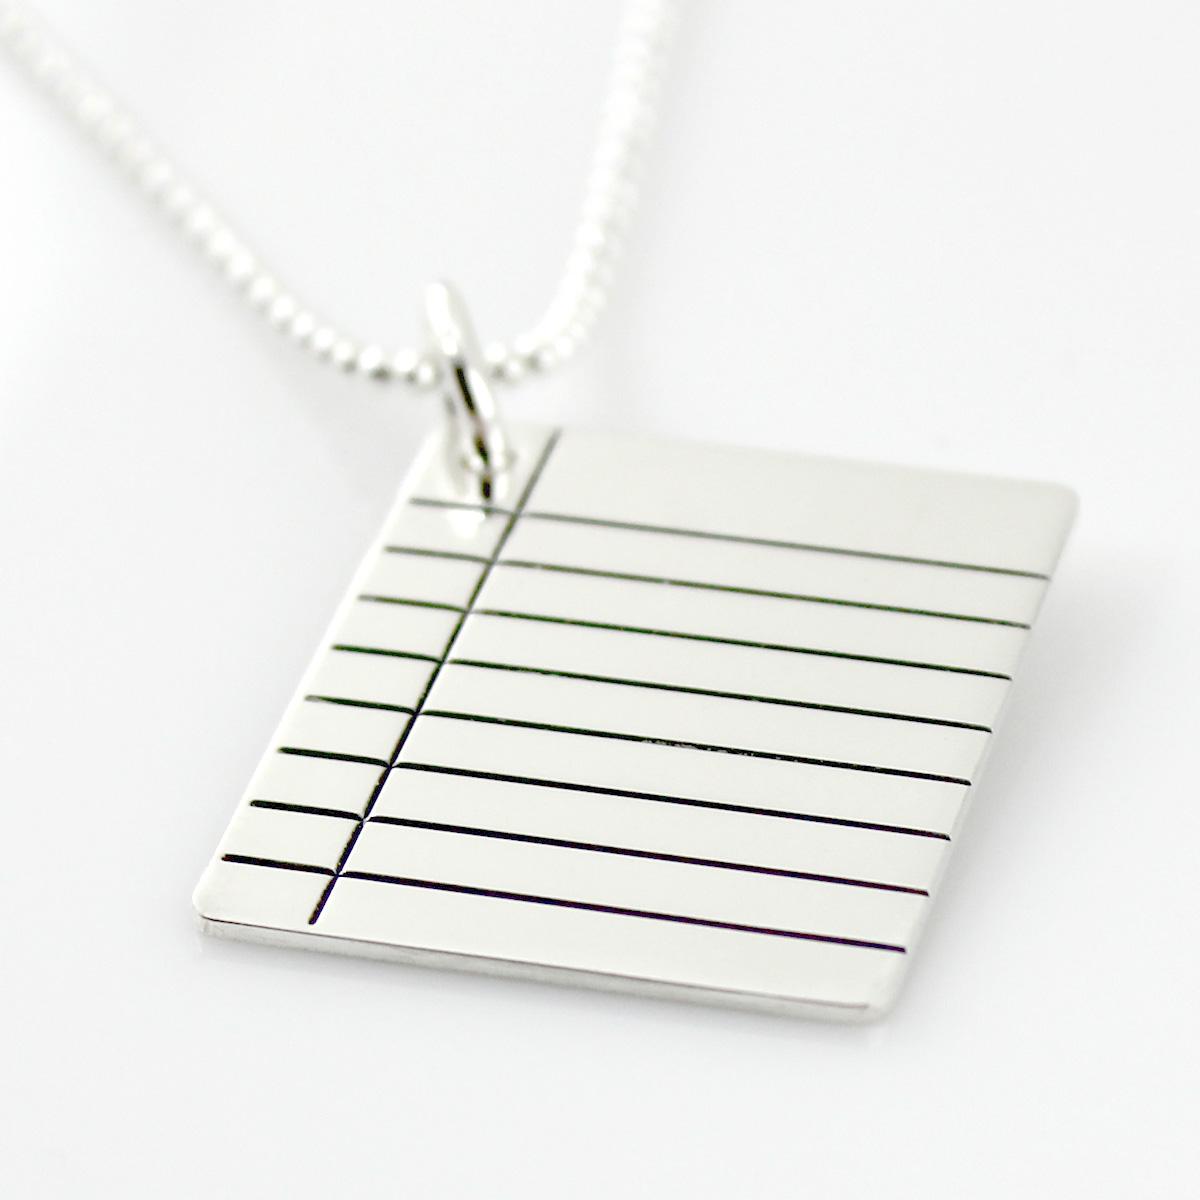 Binder Paper Sterling Silver Necklace